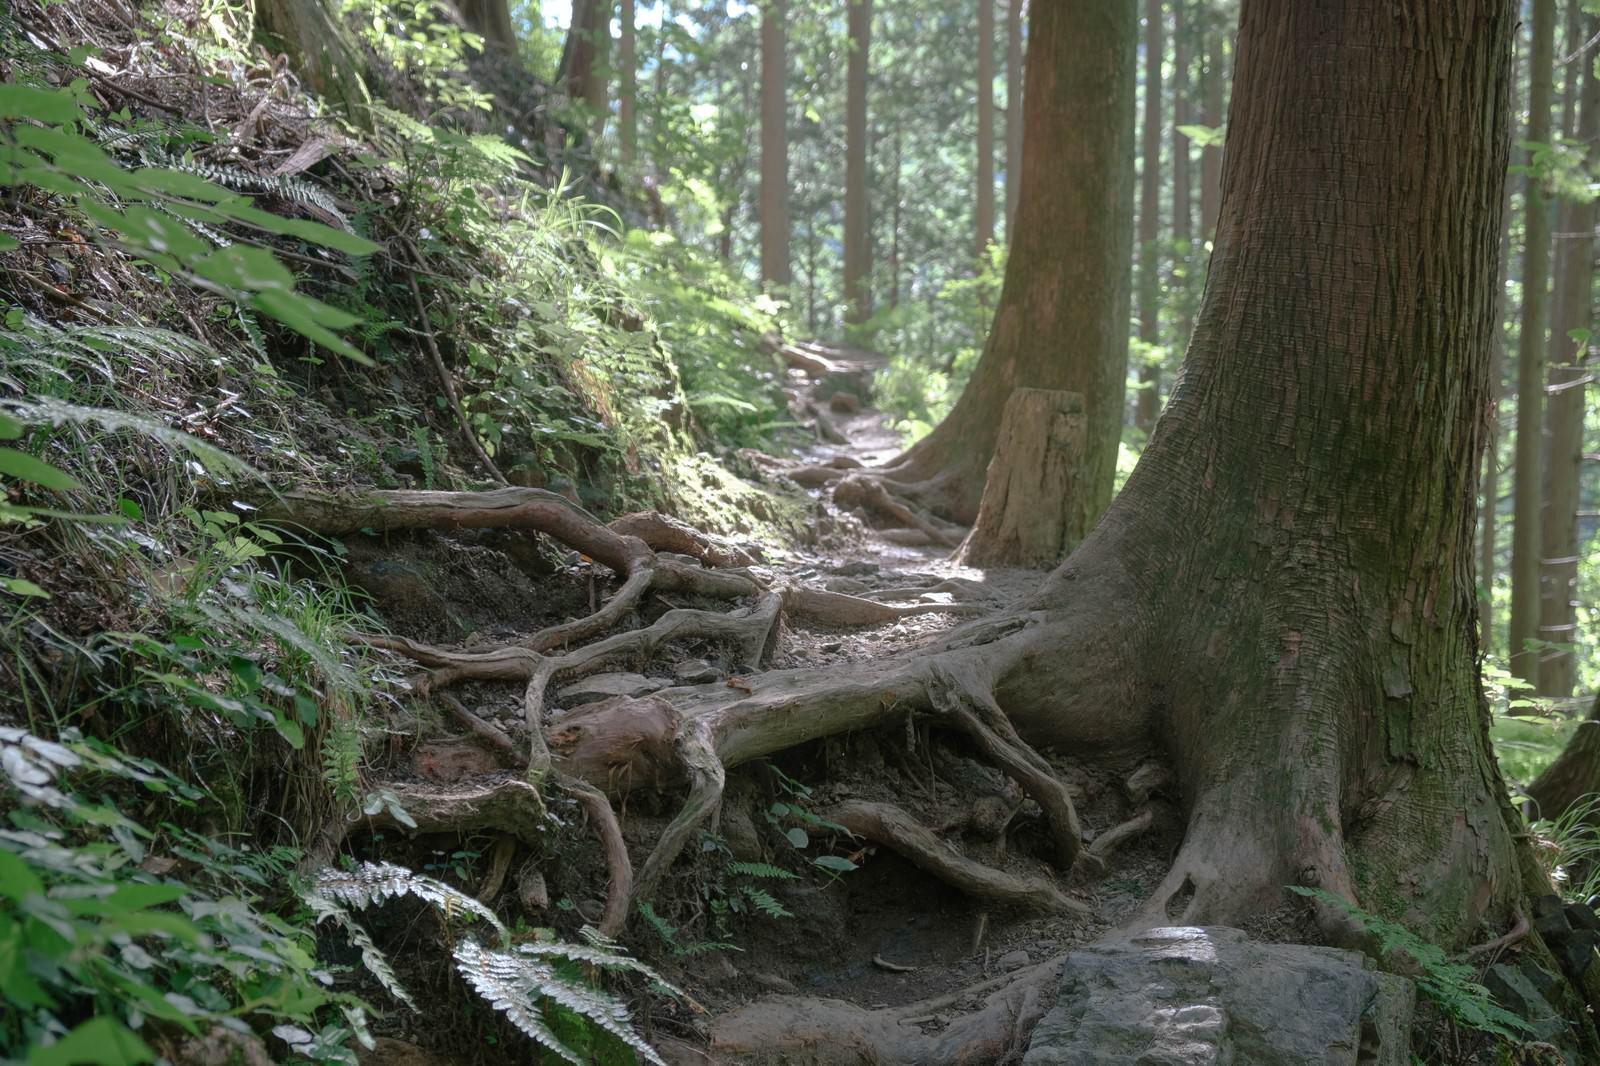 「朝日に照らされる登山道朝日に照らされる登山道」のフリー写真素材を拡大